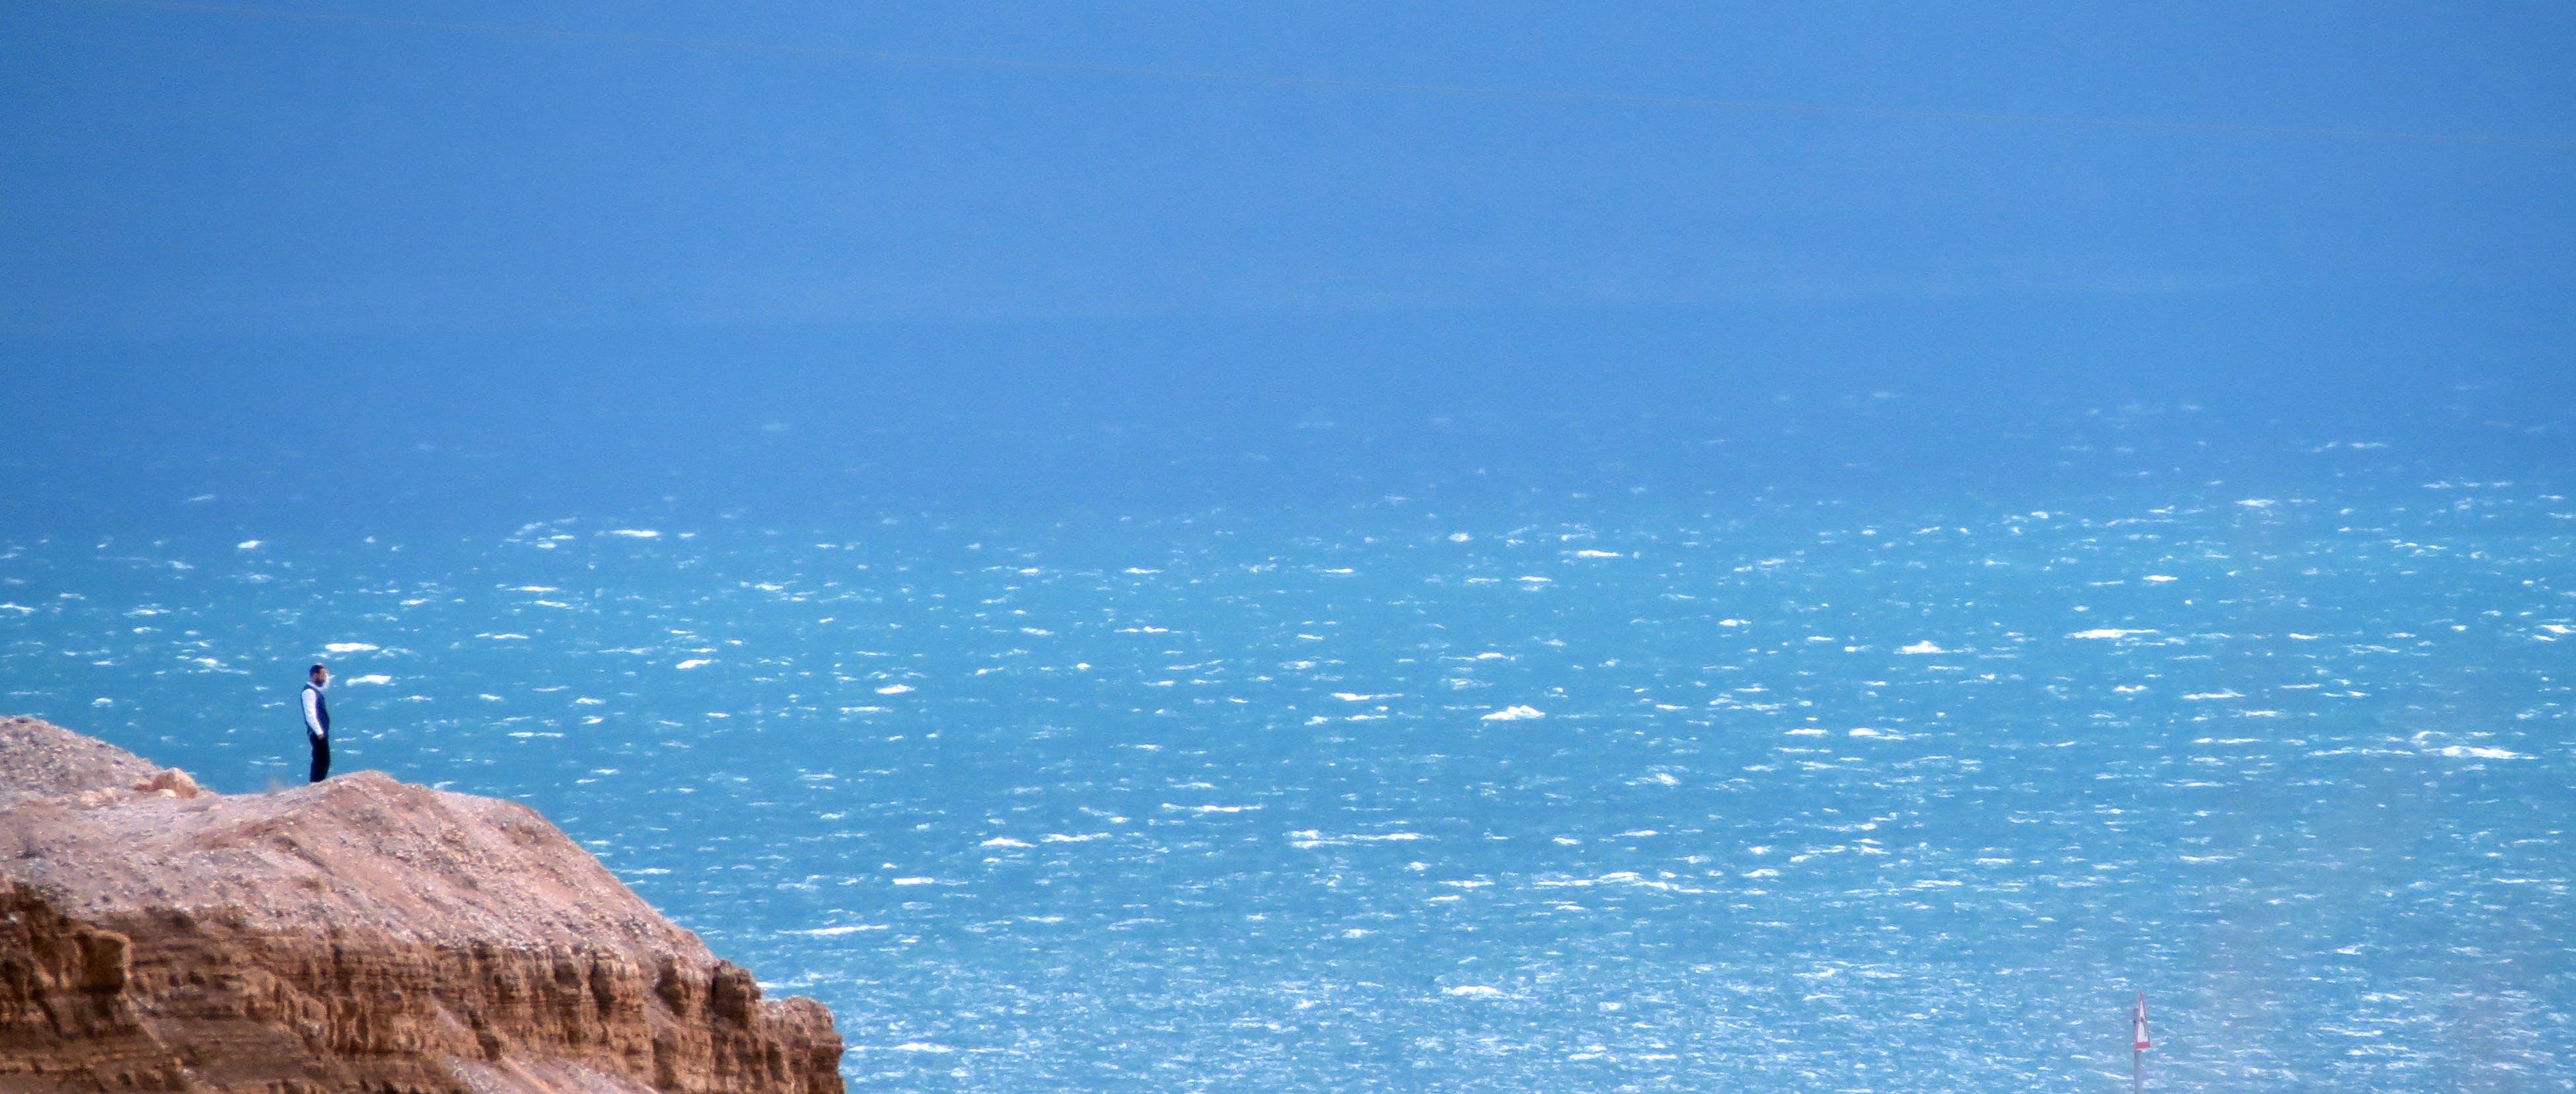 블루, 사해, 수평선, 오픈 워터의 무료 스톡 사진